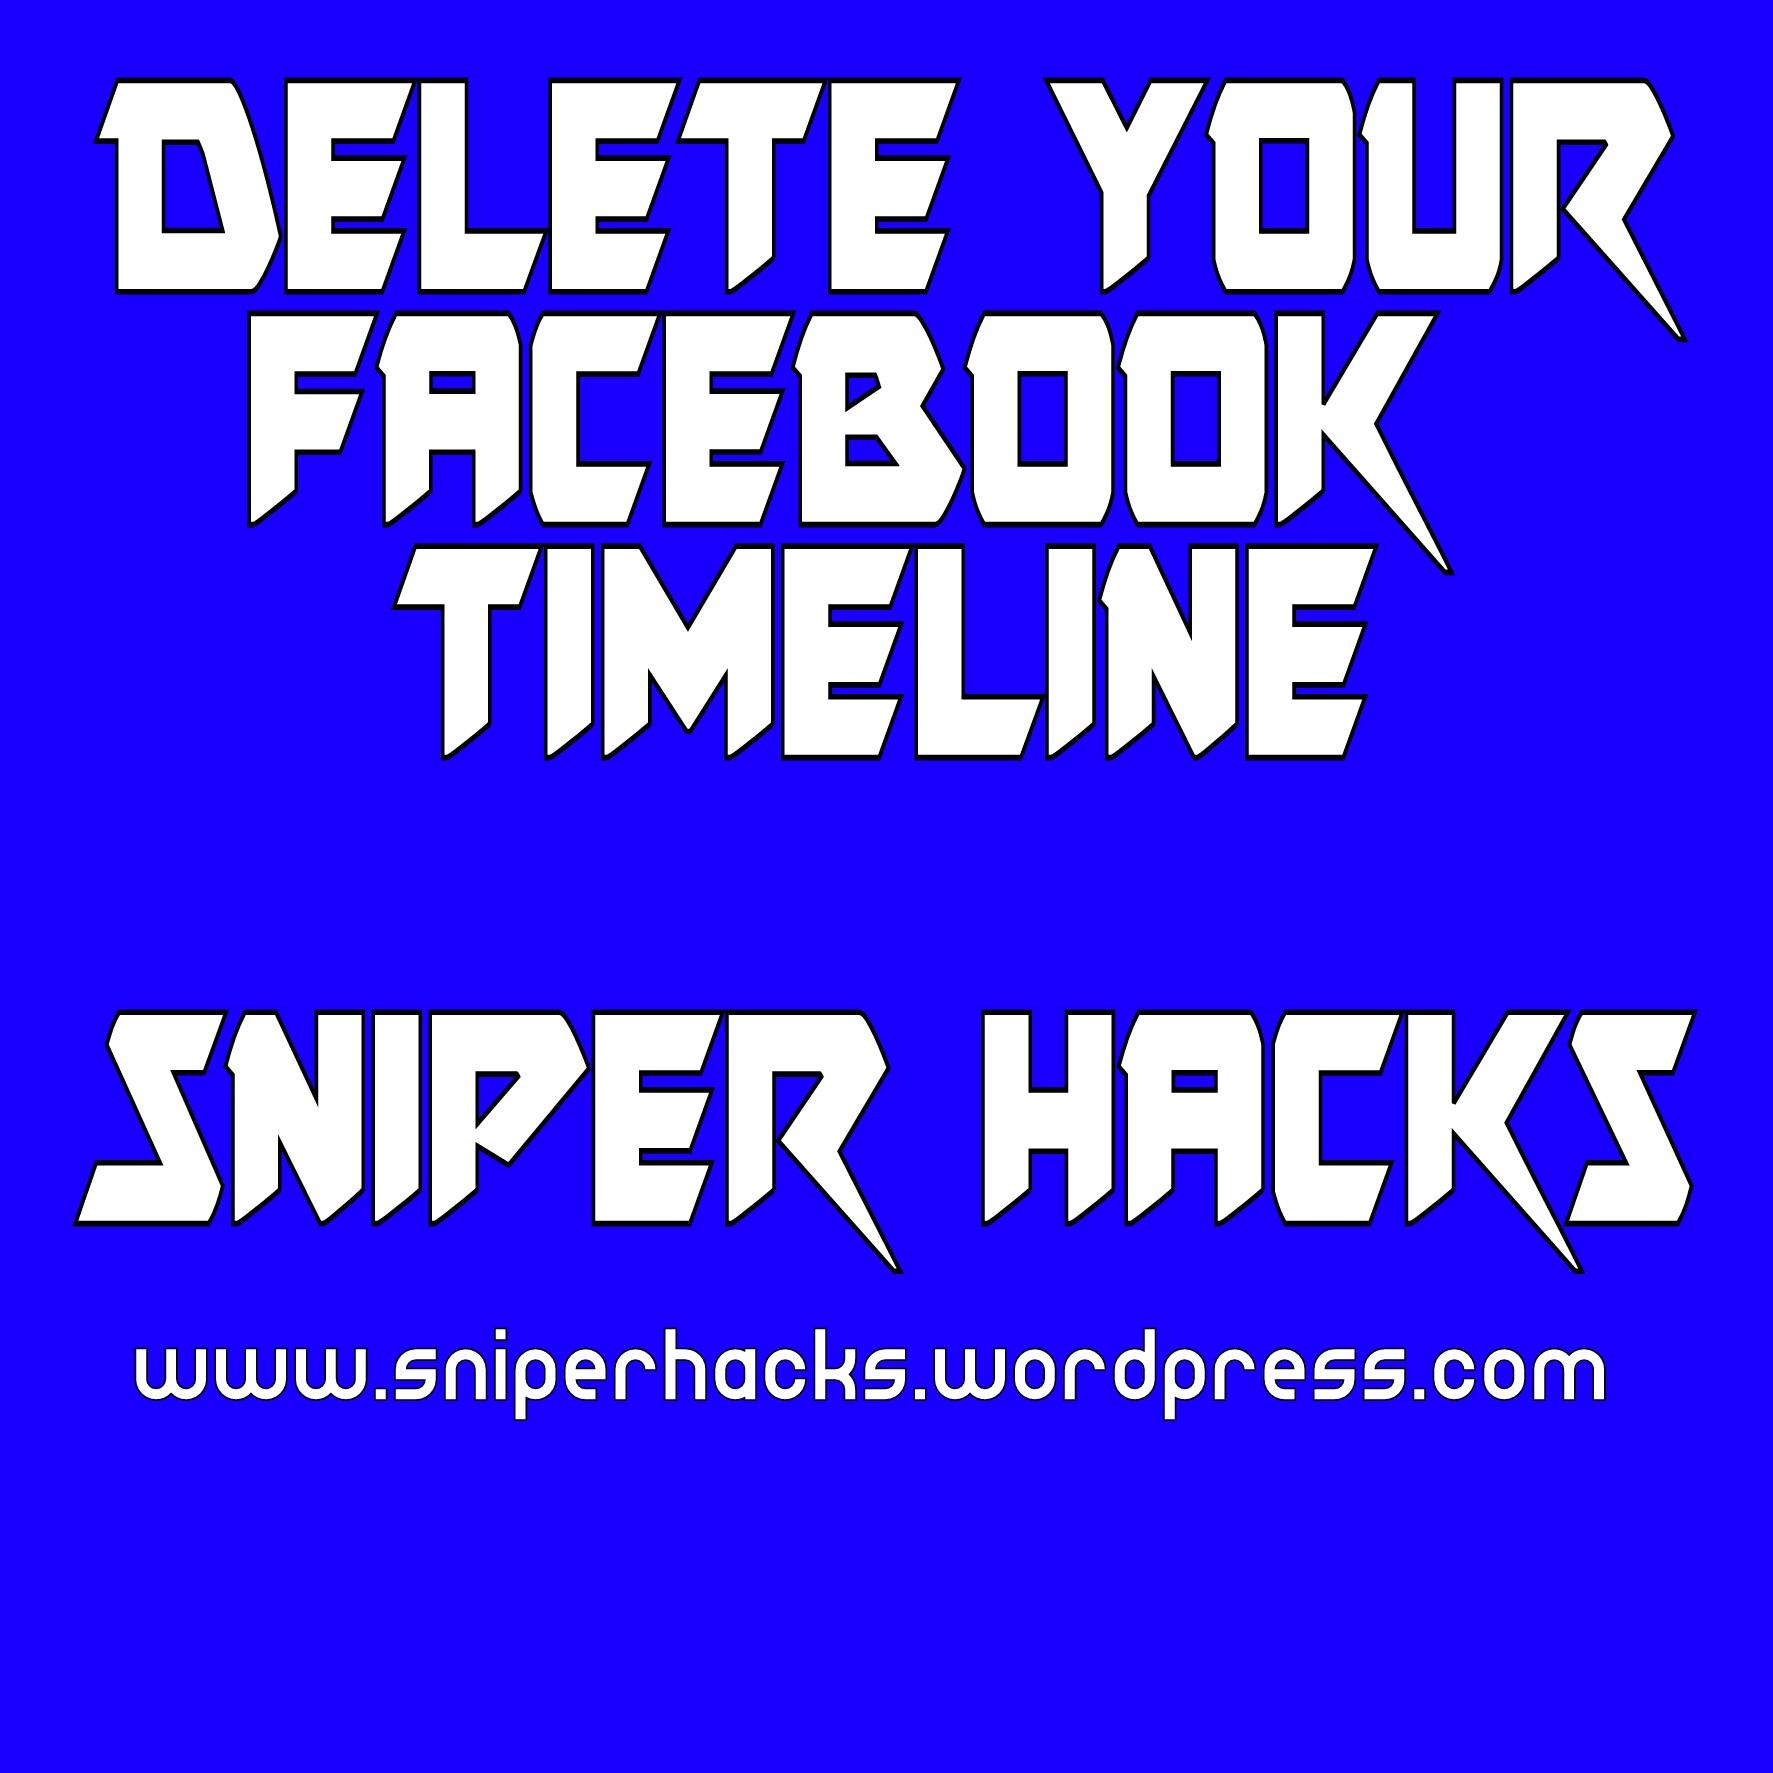 How to Delete your Facebook Timeline – Sniper Hacks